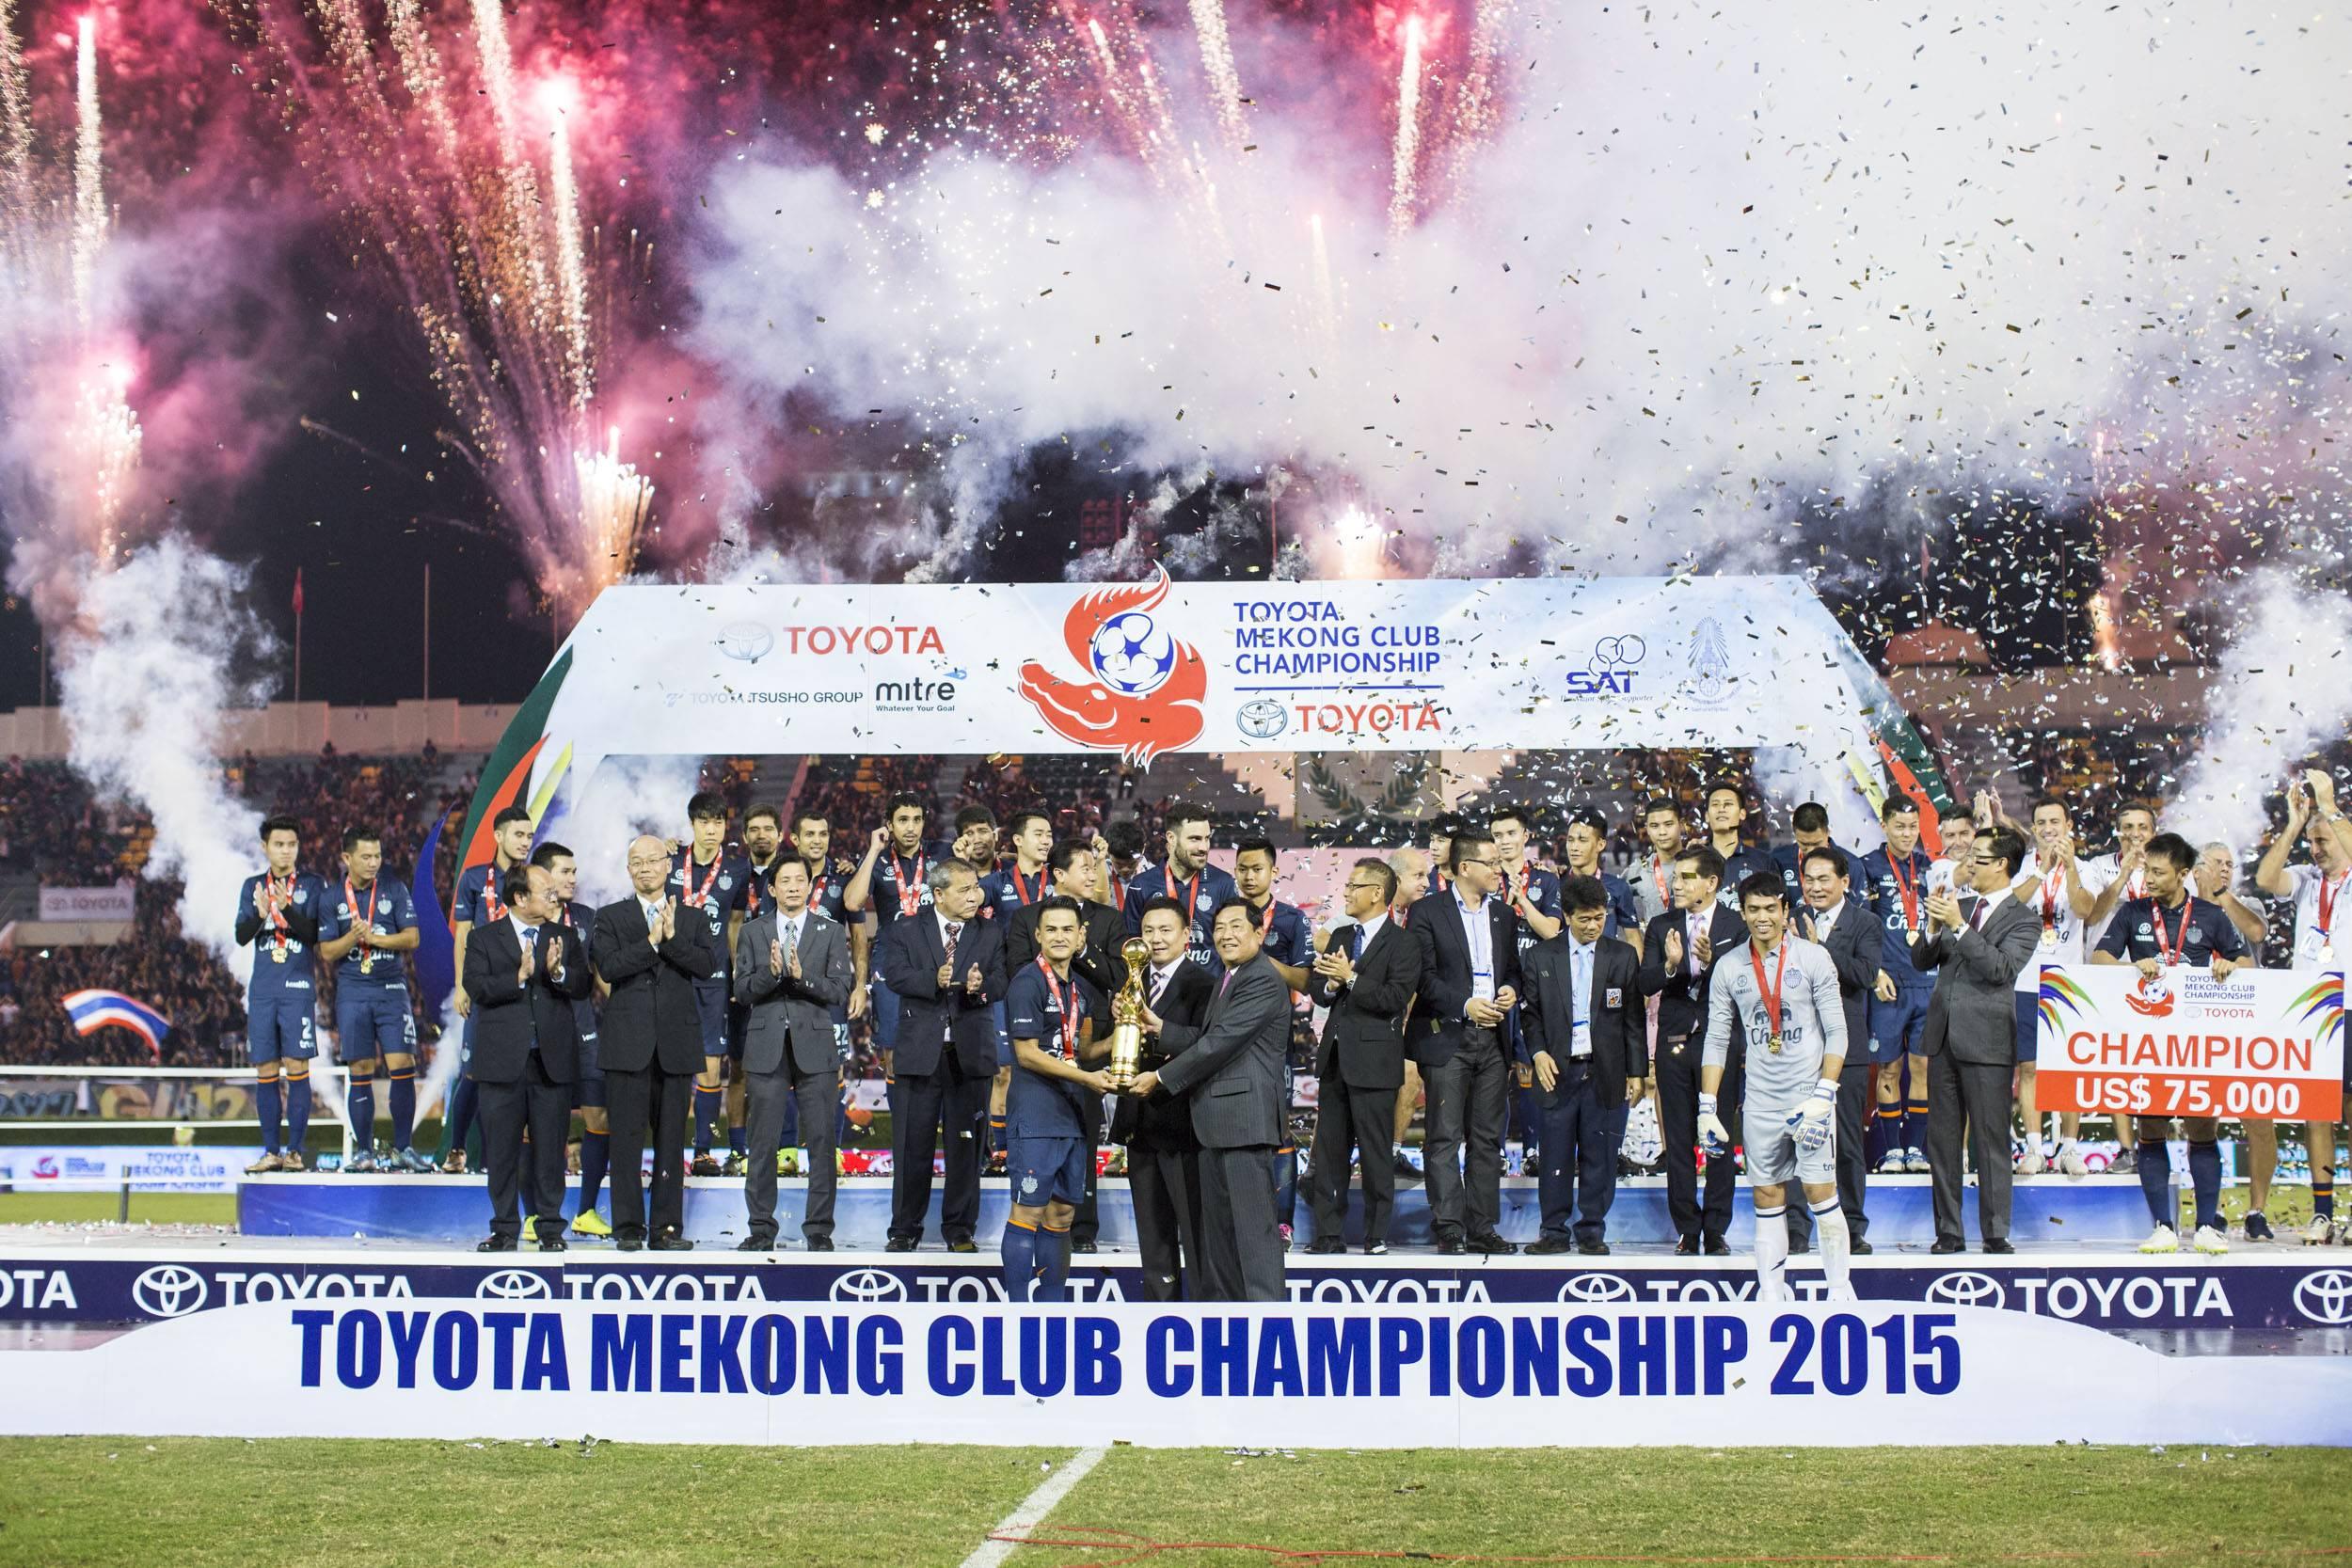 2017 Toyota Mekong Club Championship announces 4 participants